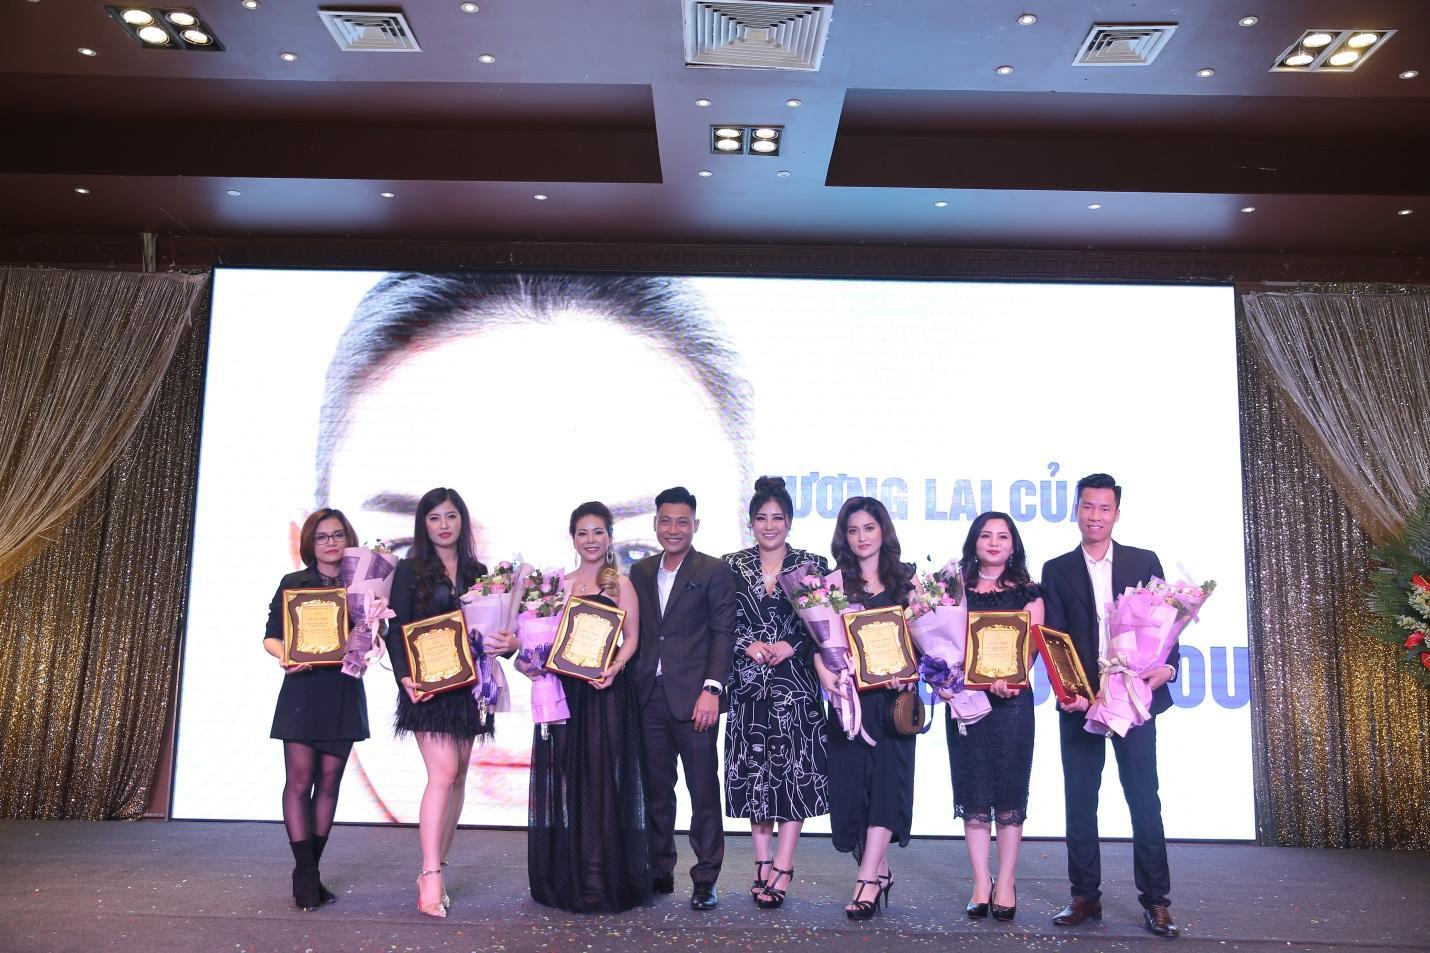 Ngọc Tú Group tưng bừng kỉ niệm sinh nhật lần thứ 5 tại Hà Nội - Ảnh 5